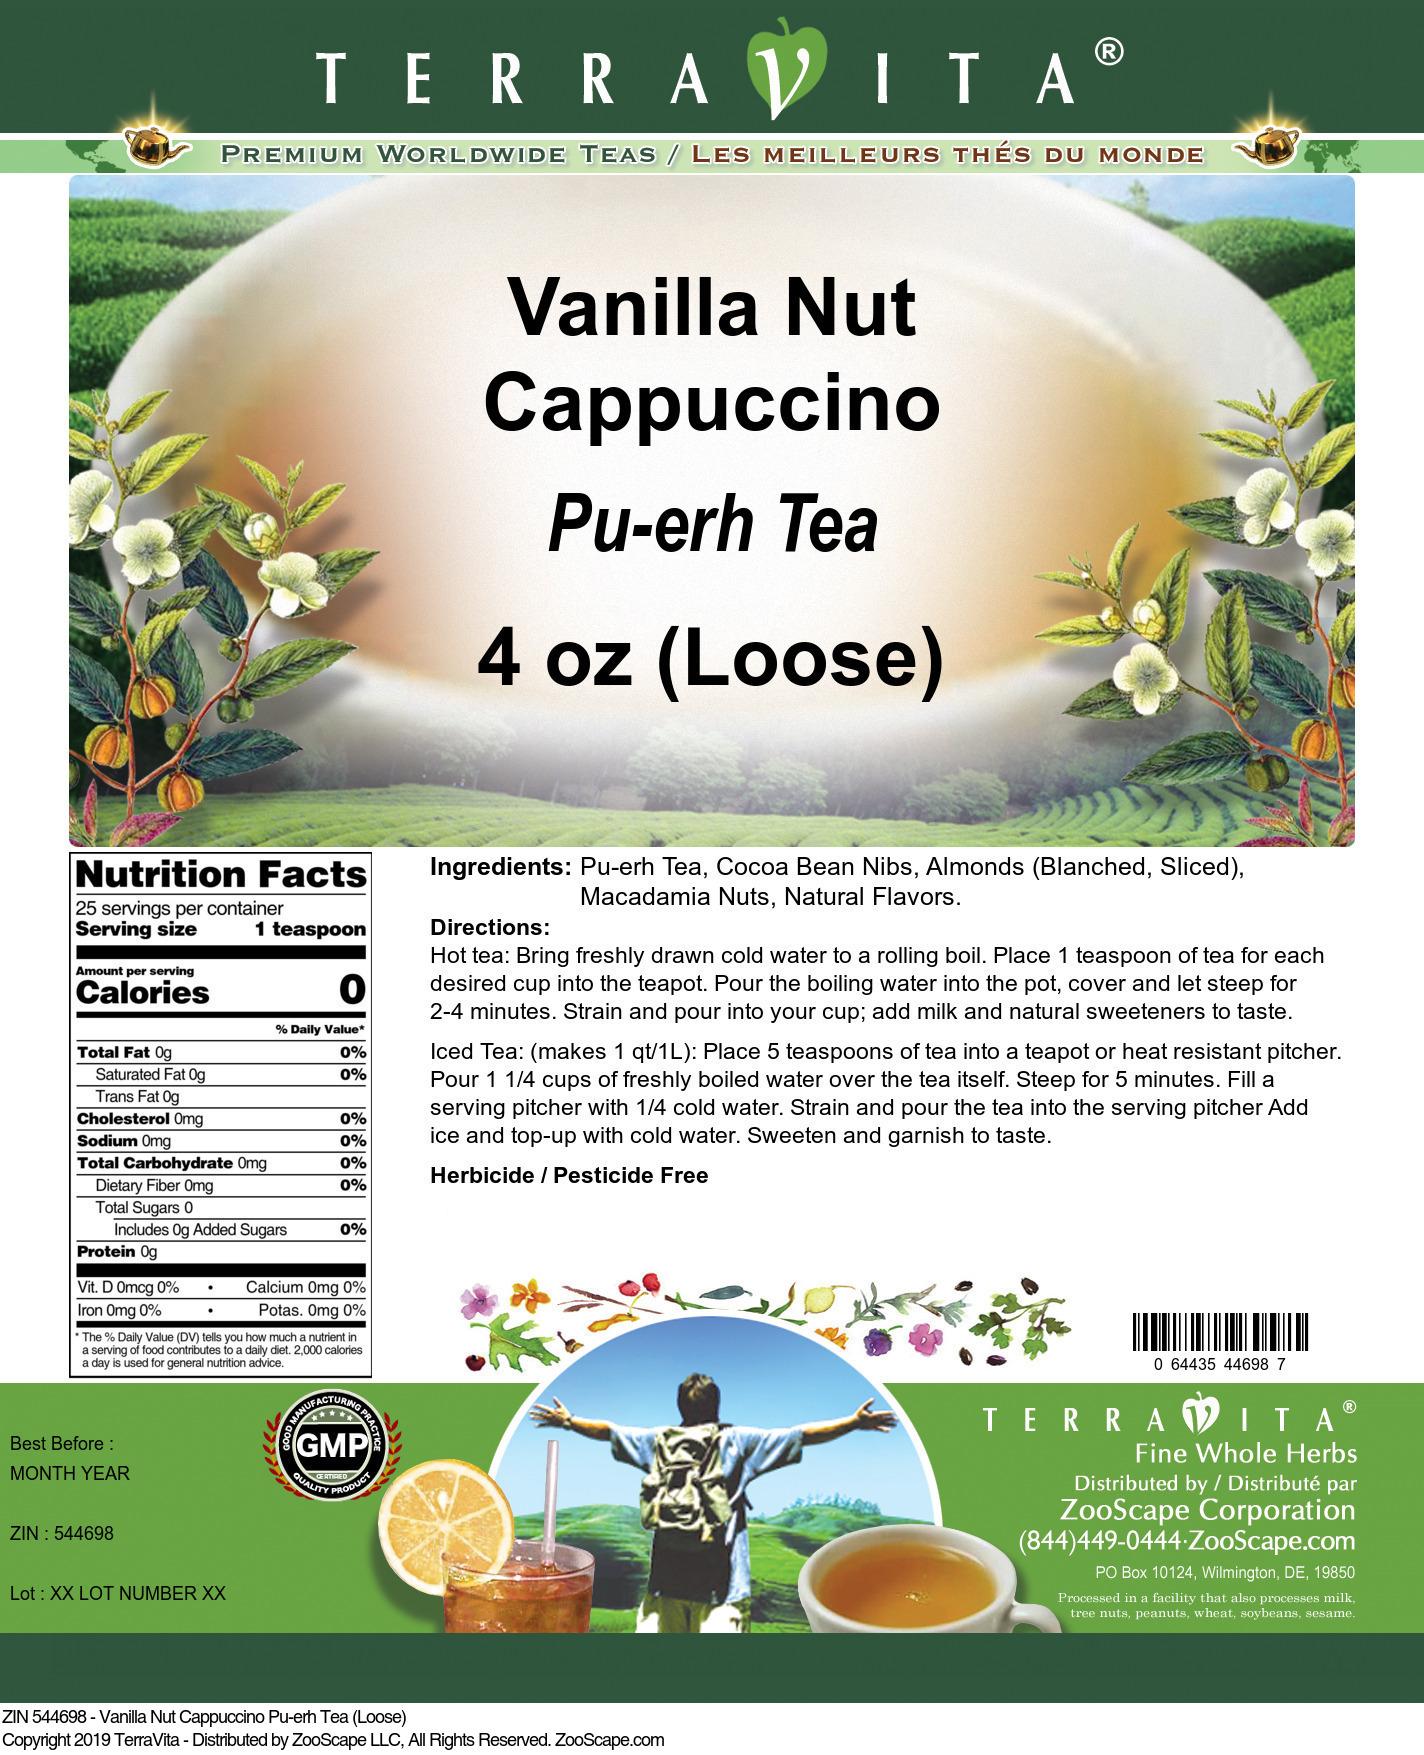 Vanilla Nut Cappuccino Pu-erh Tea (Loose)